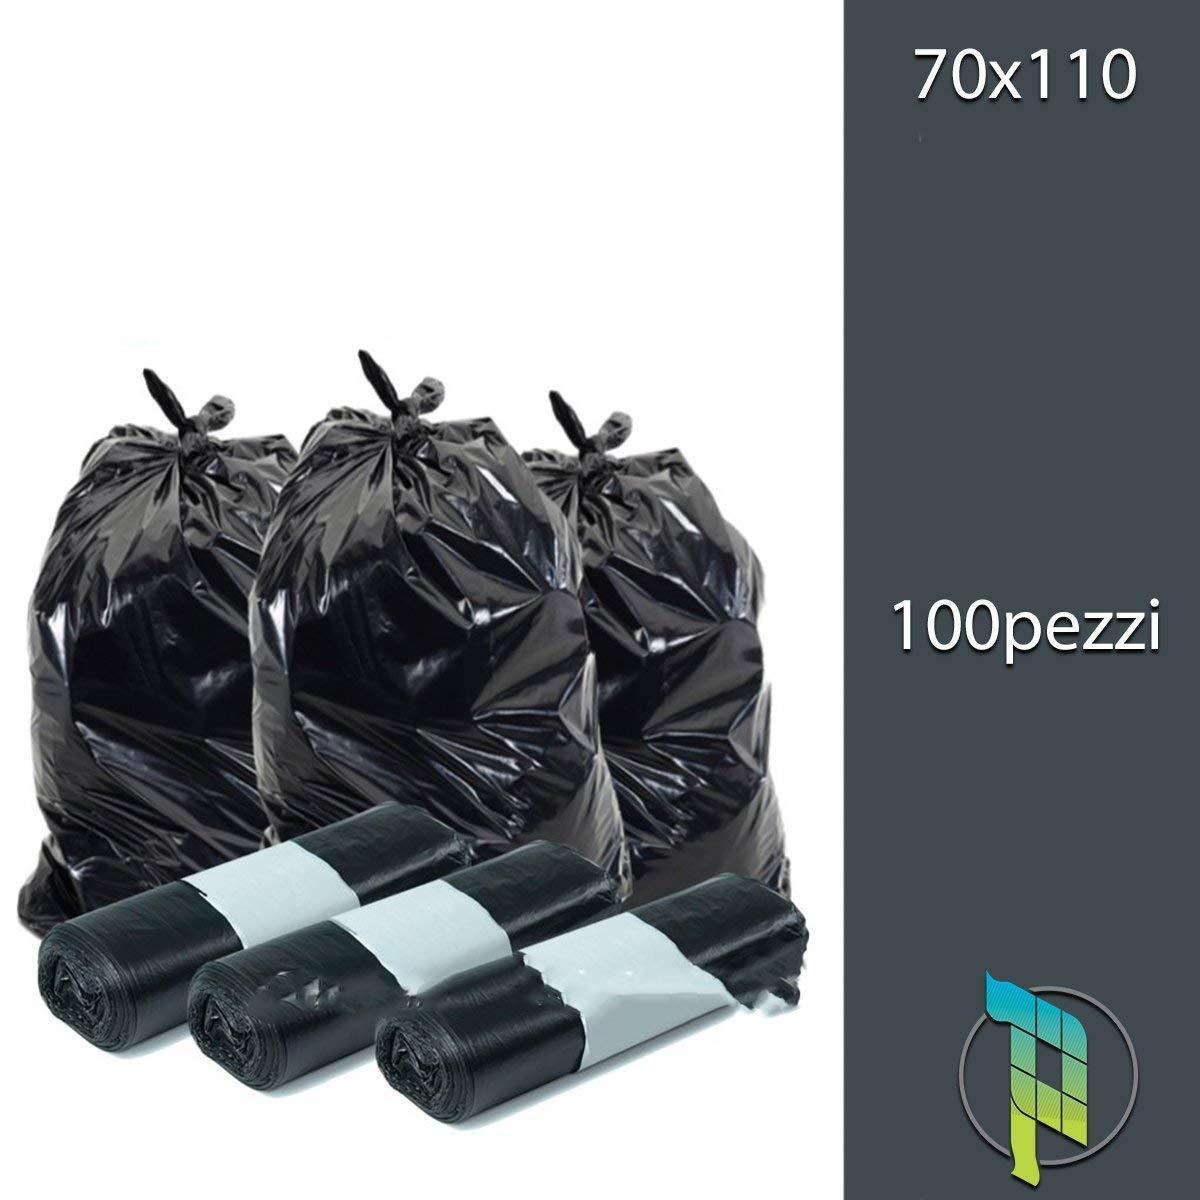 Palucart Sacchi spazzatura colore nero cm 70x110 110 litri 100 pezzi neri